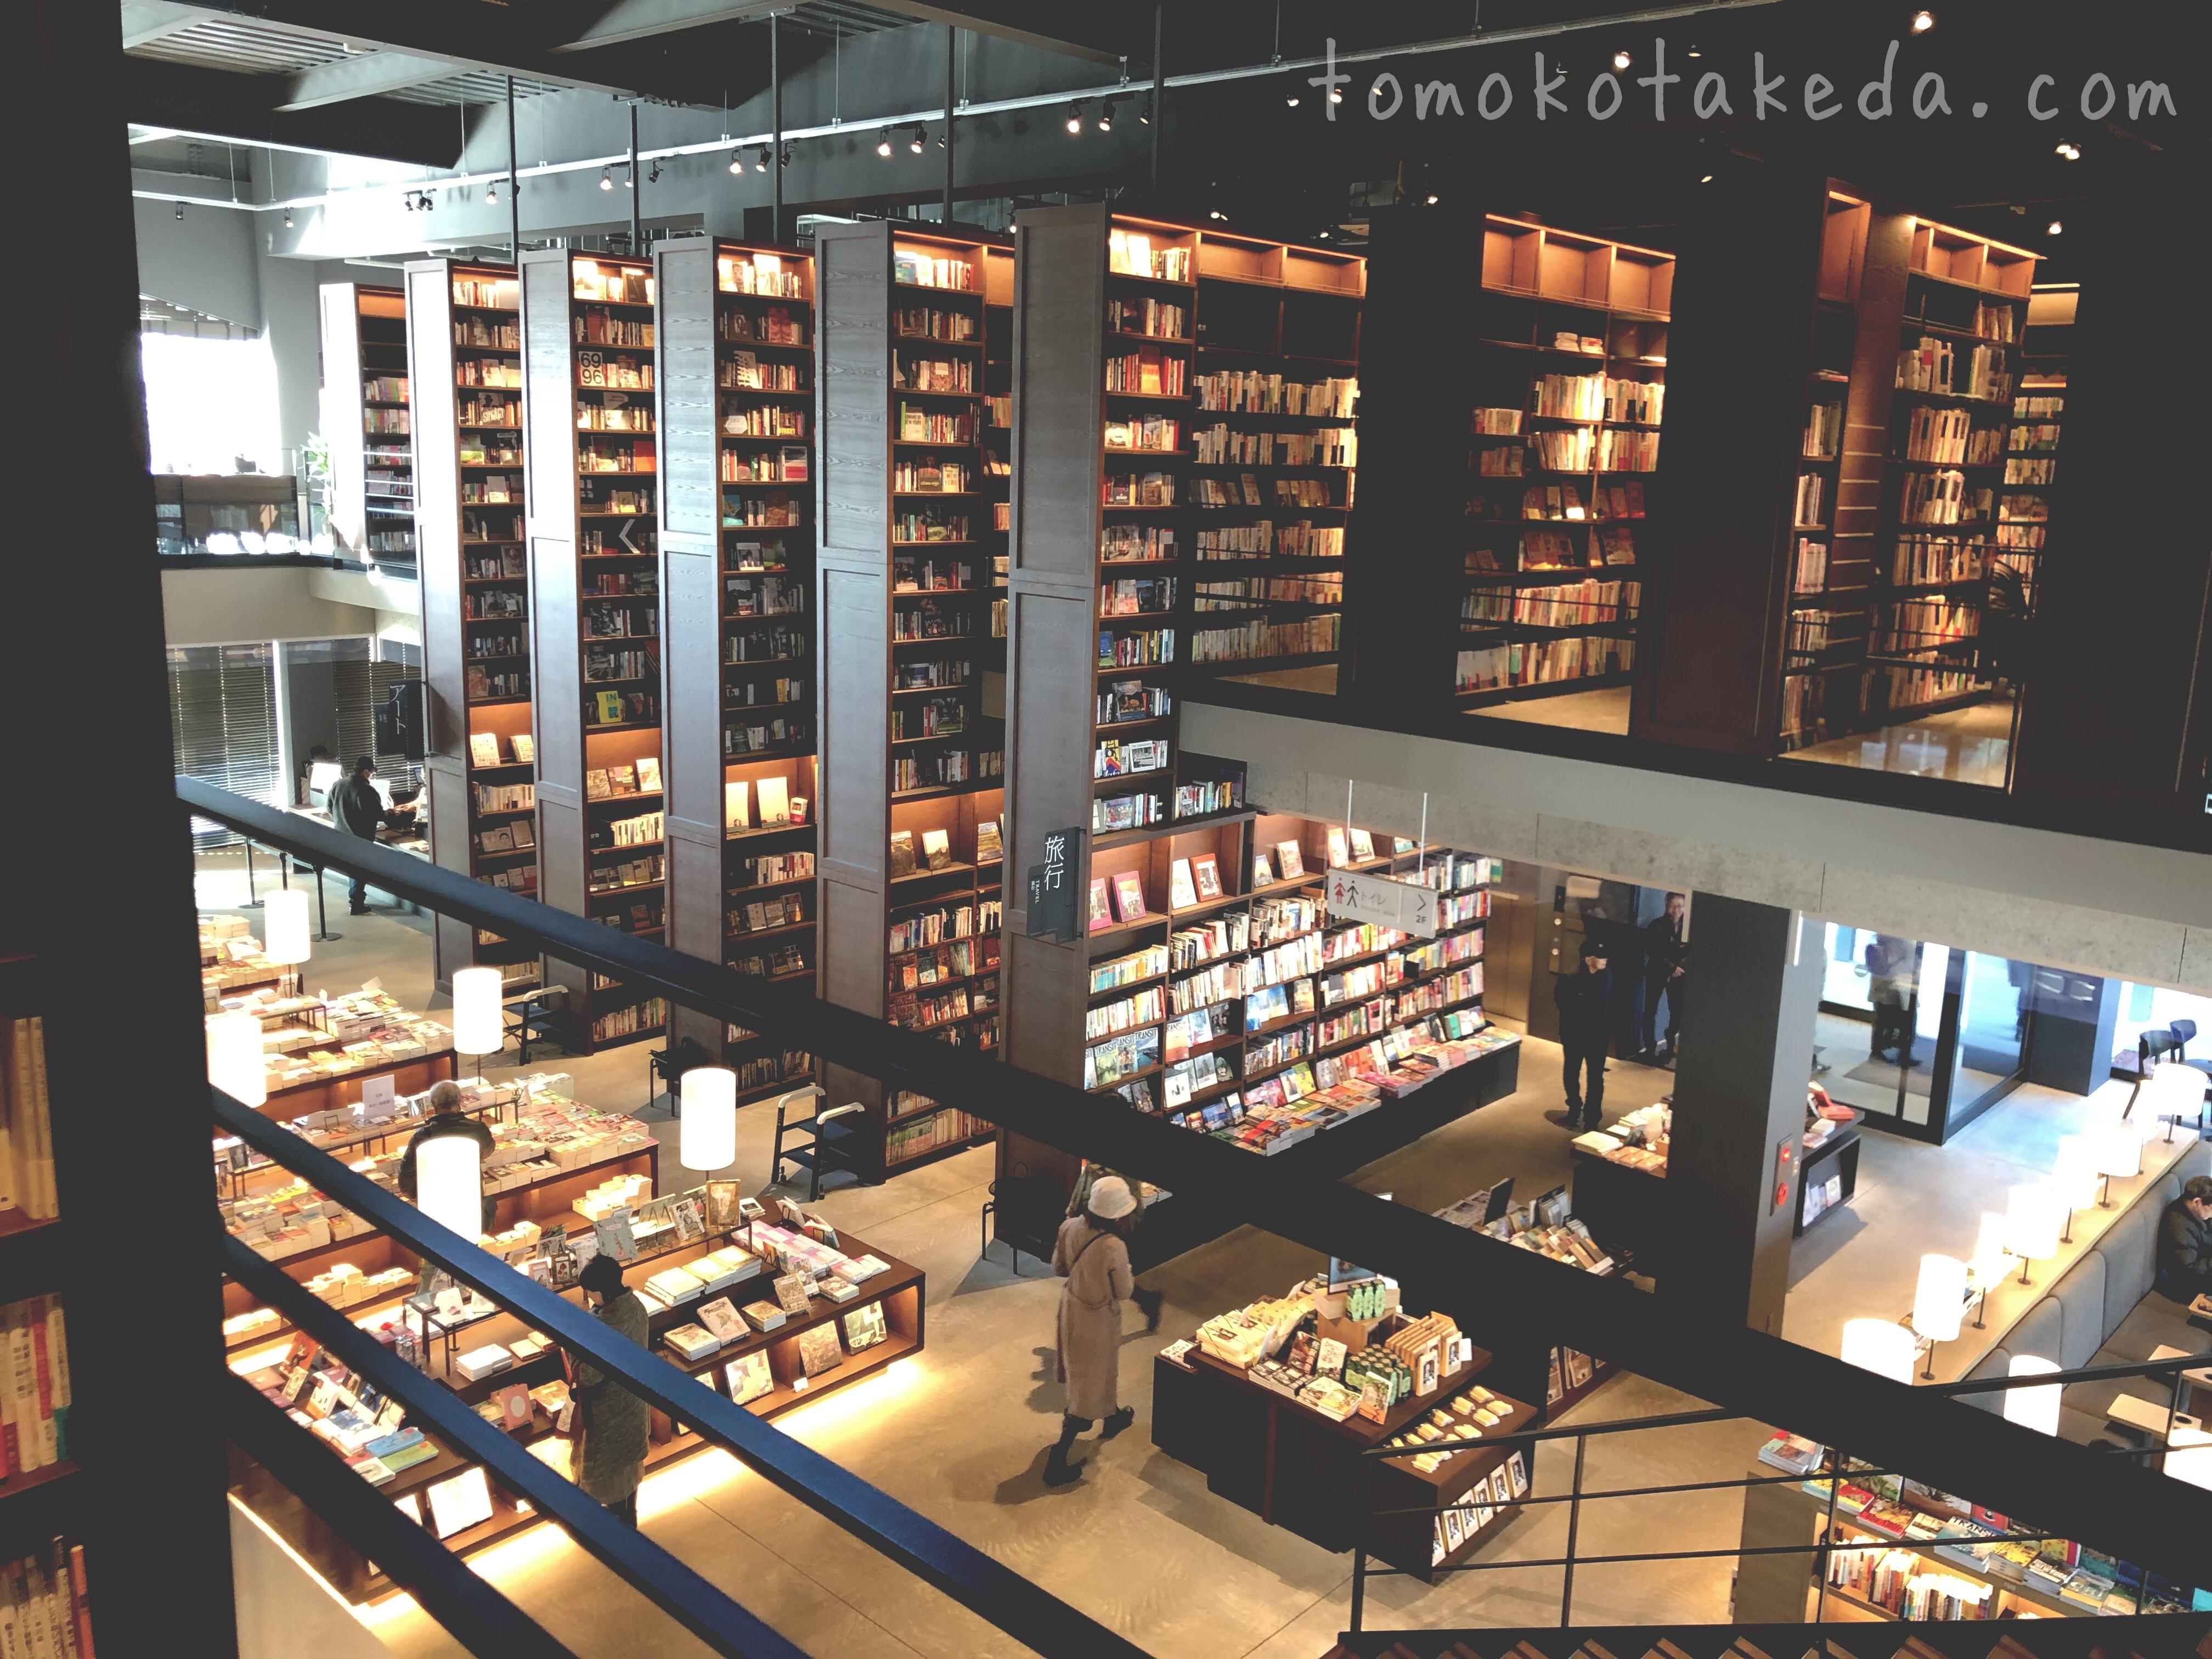 本好きなら1日過ごせるおしゃれ空間•蔦屋書店江別